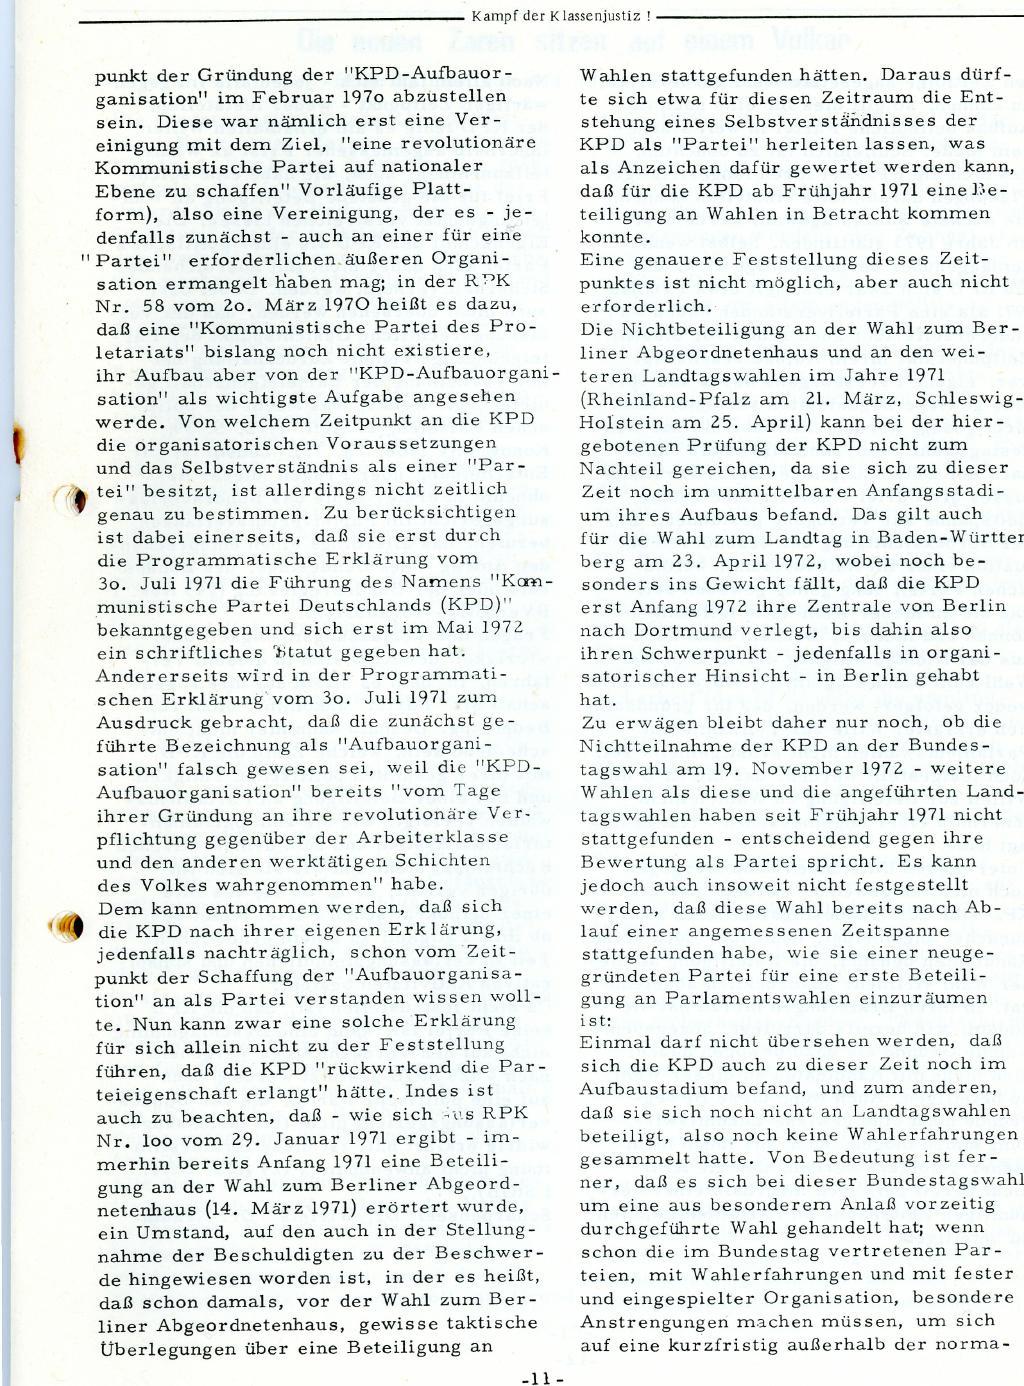 RPK_1974_03_11